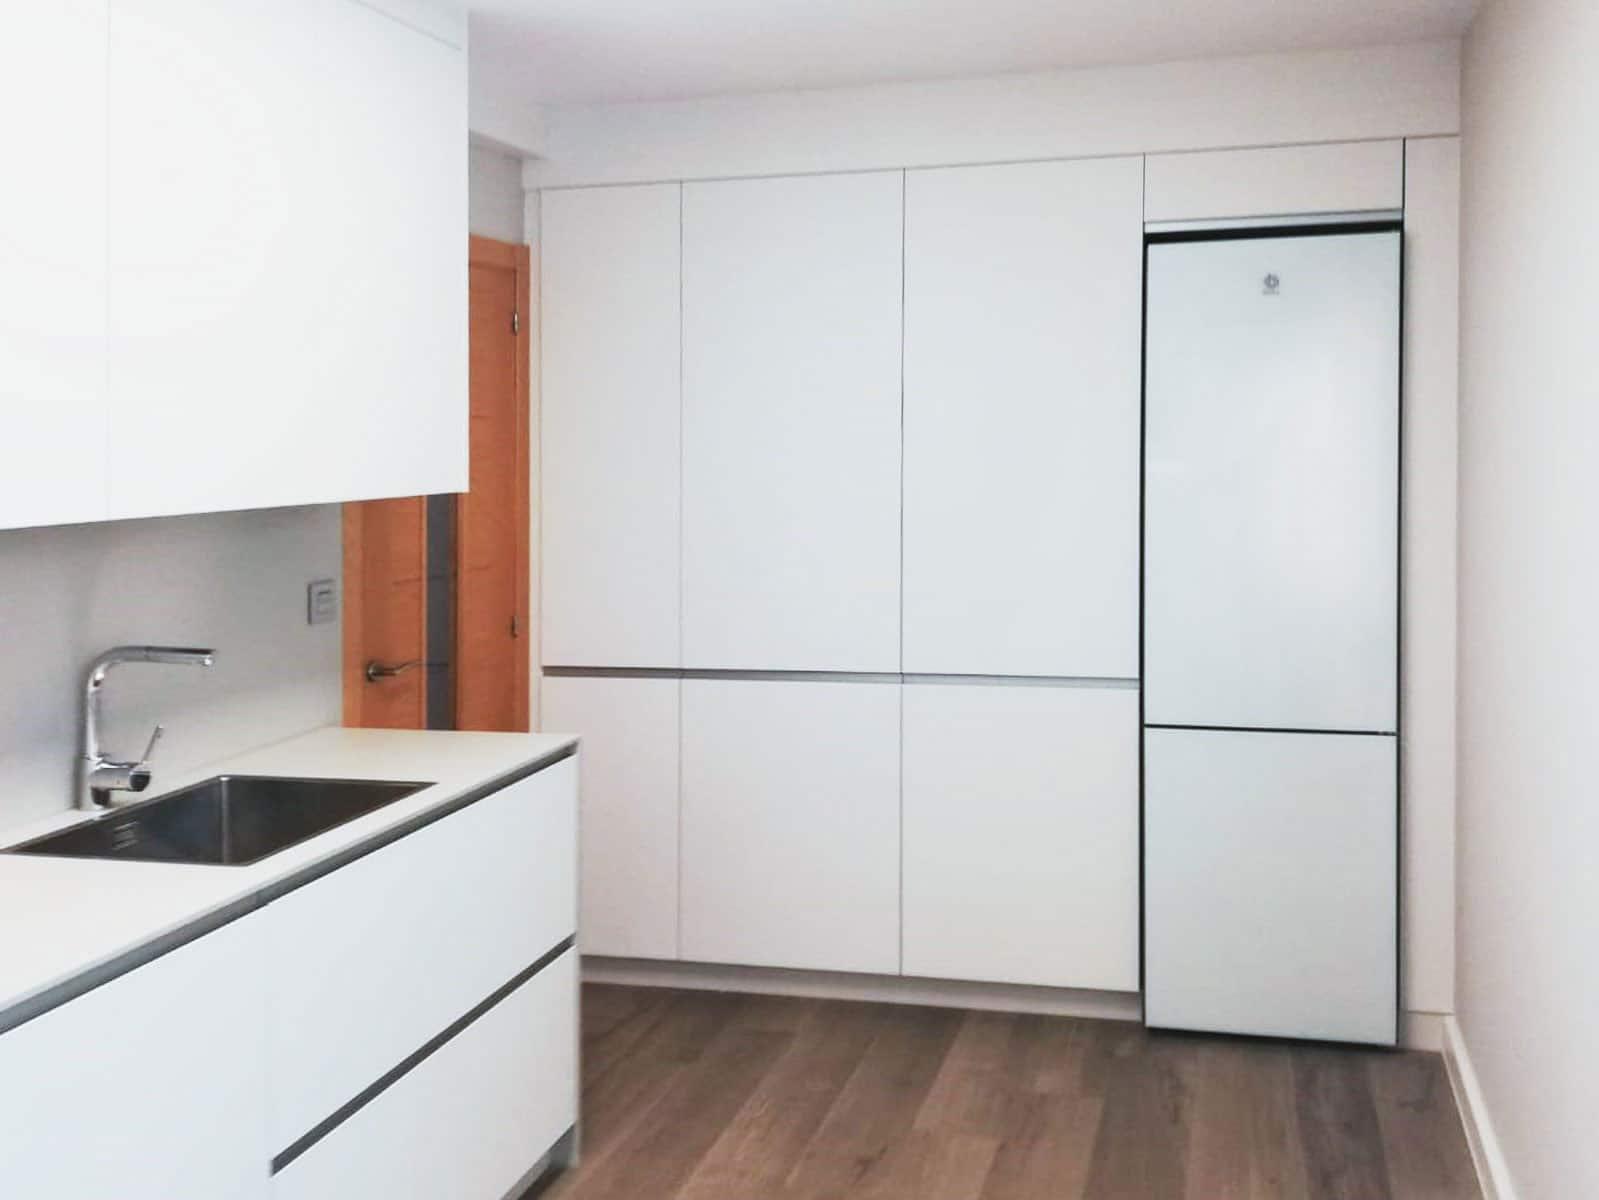 muebles de cocina y armarios